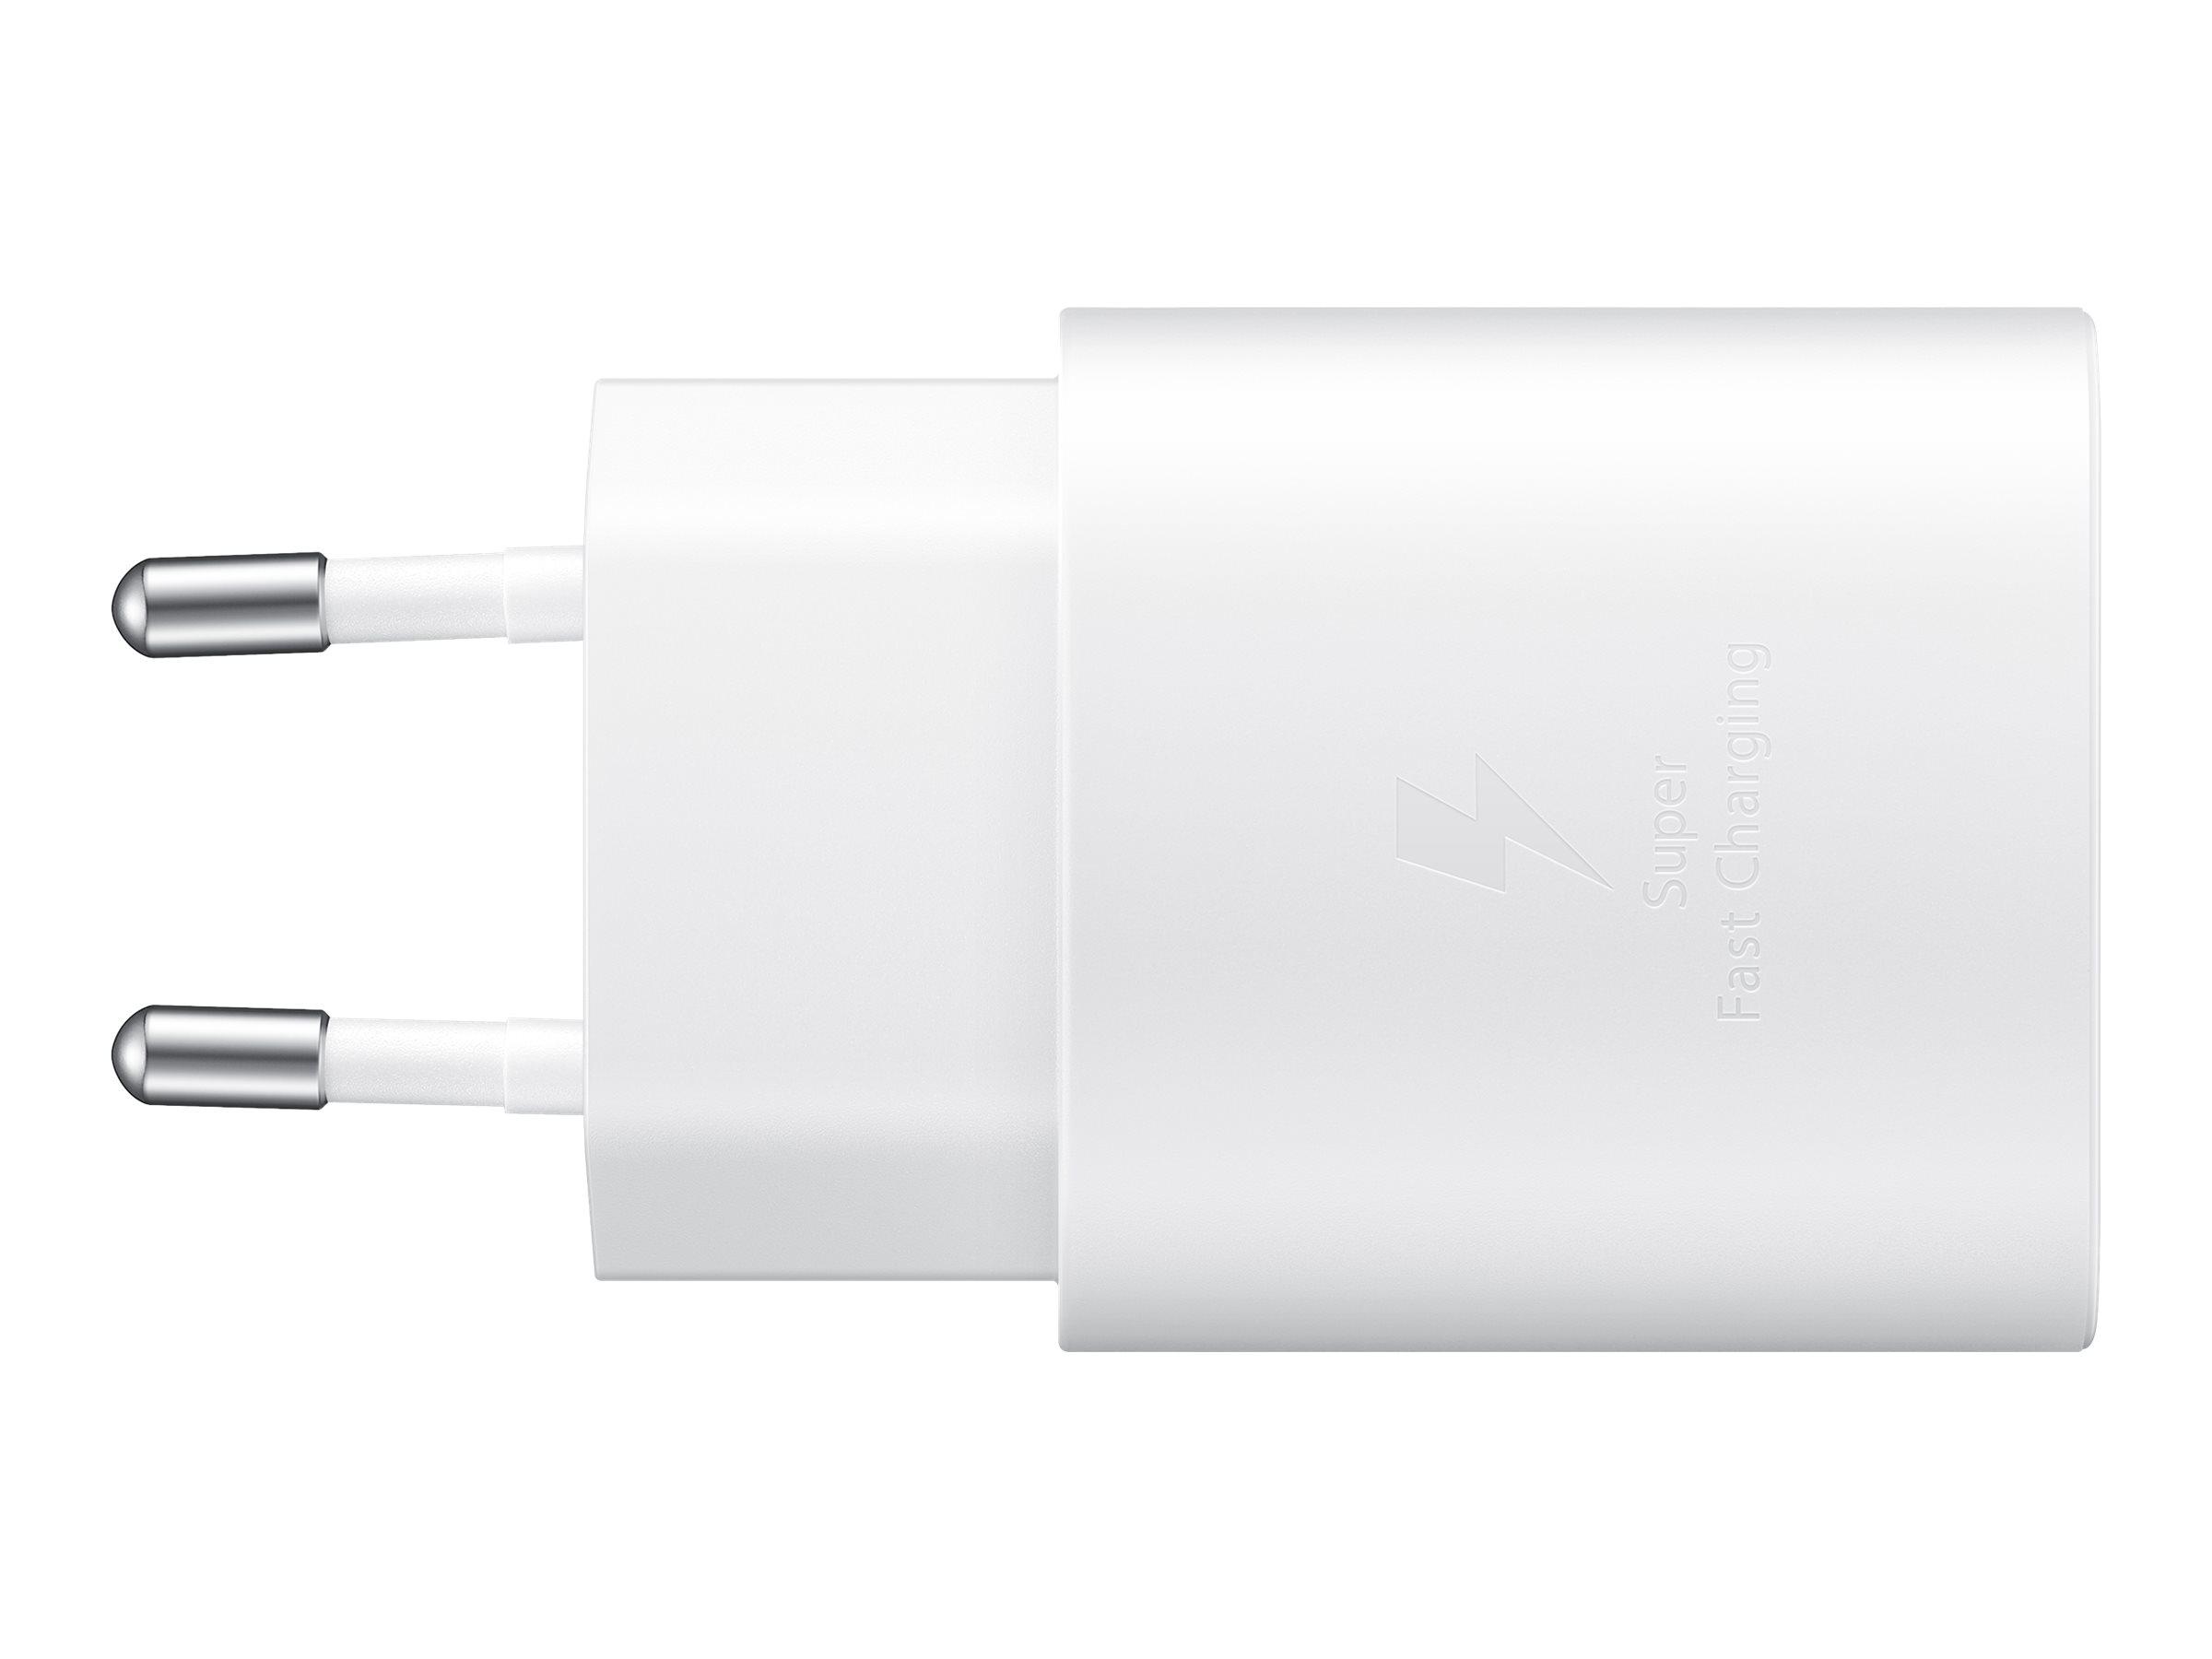 Samsung EP-TA800 - Netzteil - 25 Watt - 3 A - Ultra Fast Charge (USB-C) - auf Kabel: USB-C